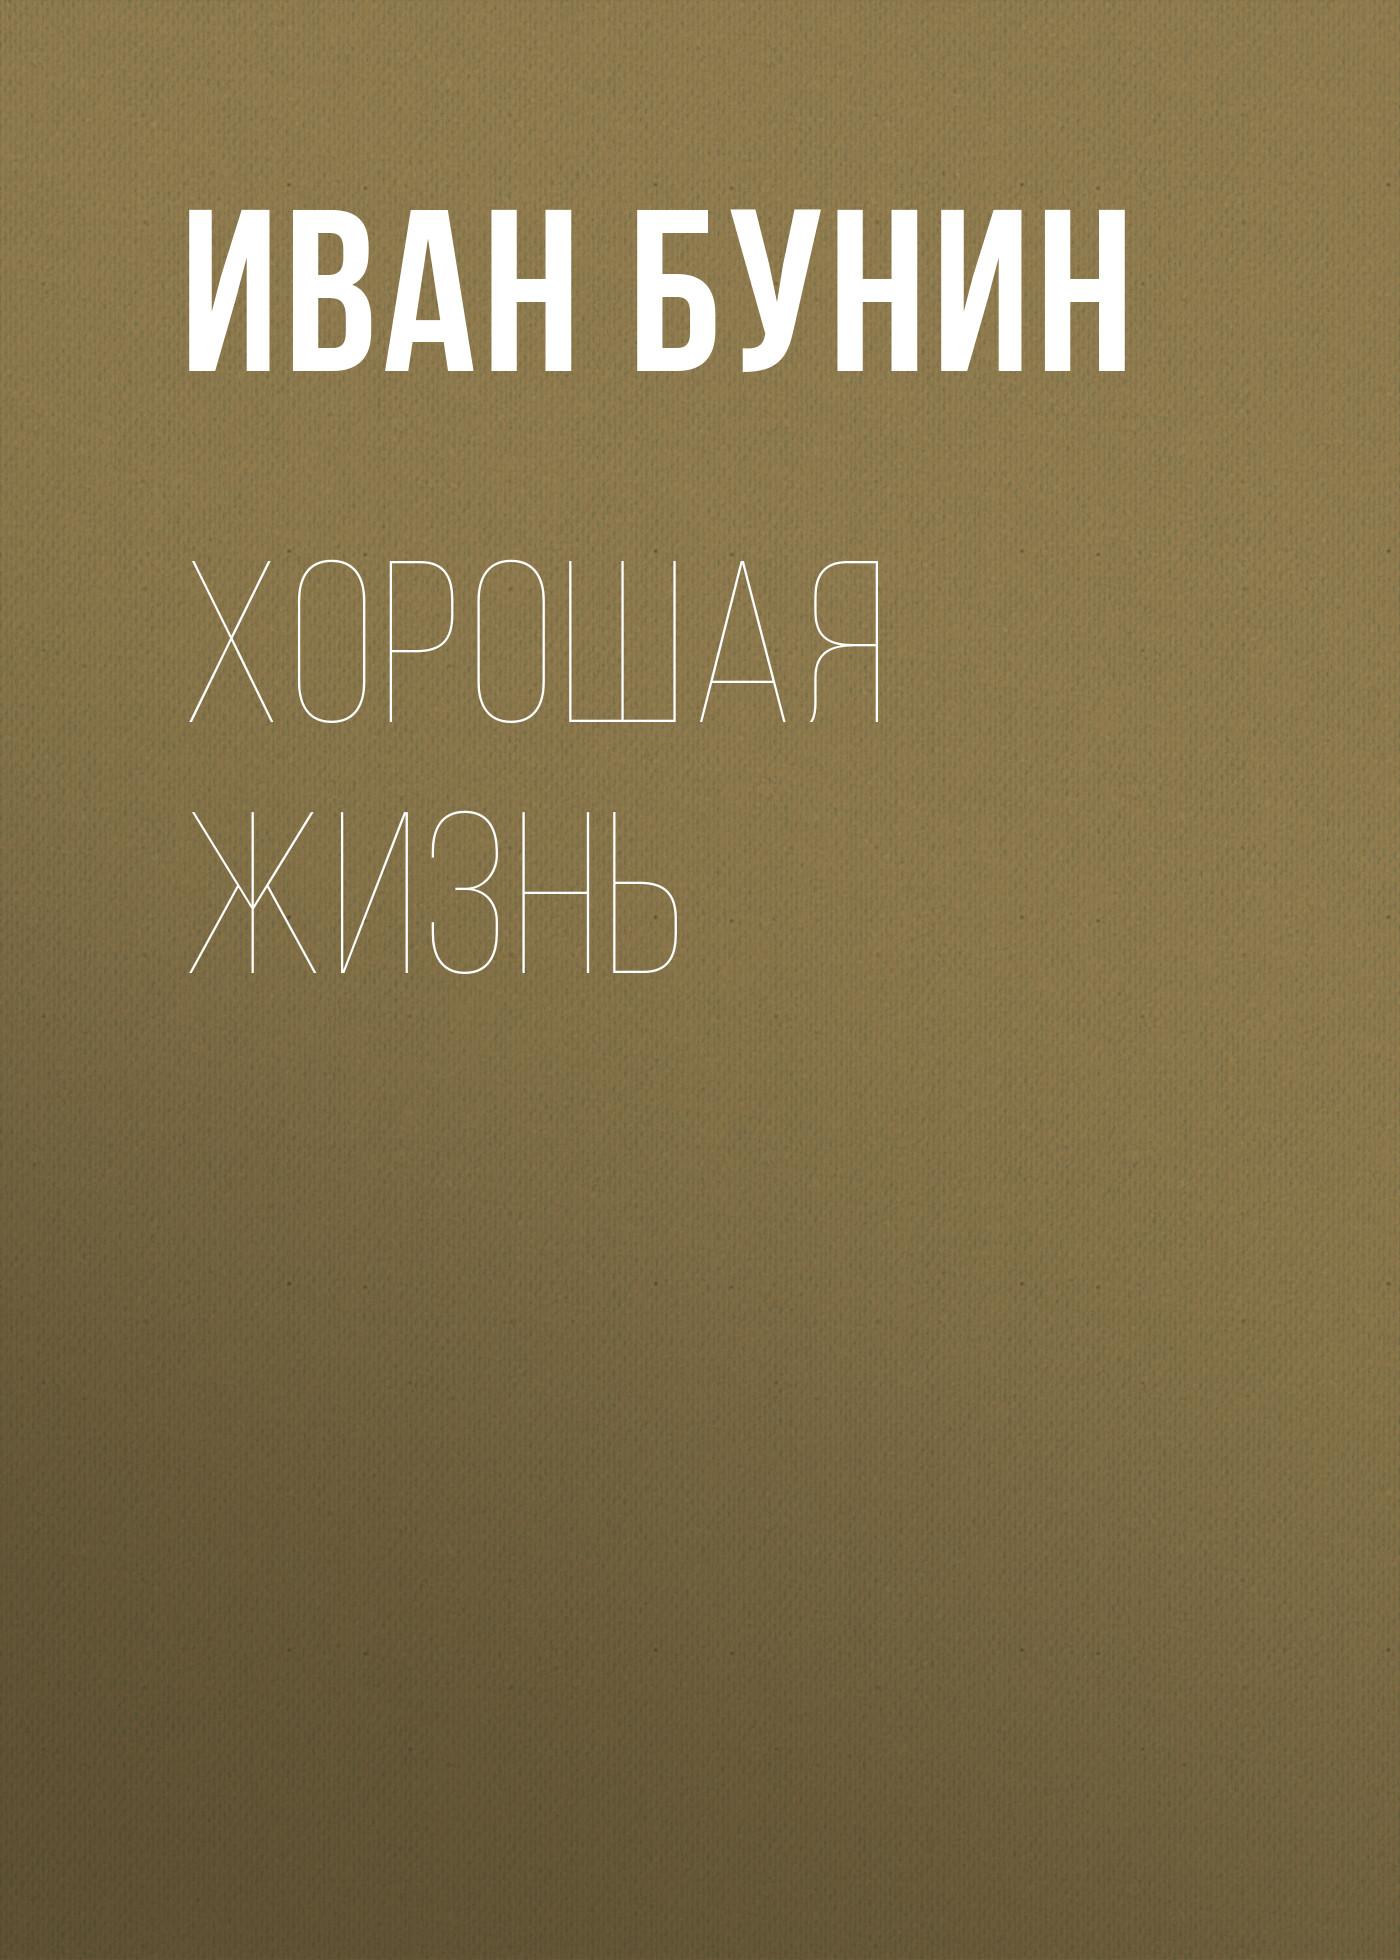 Фото - Иван Бунин Хорошая жизнь левицкий а я сталкер рождение зоны